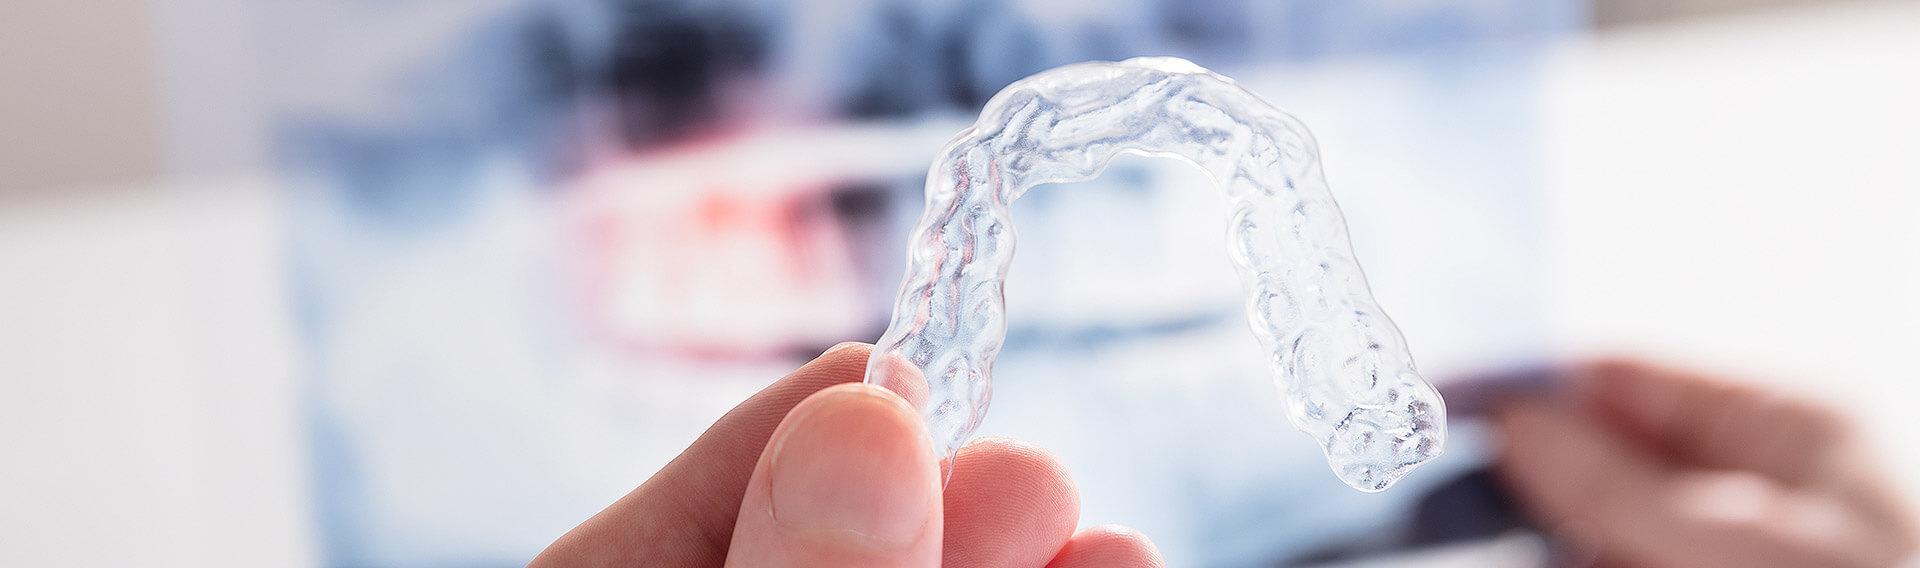 Fachzahnarztpraxis für Kieferorthopädie in Salzgitter - MundMacher